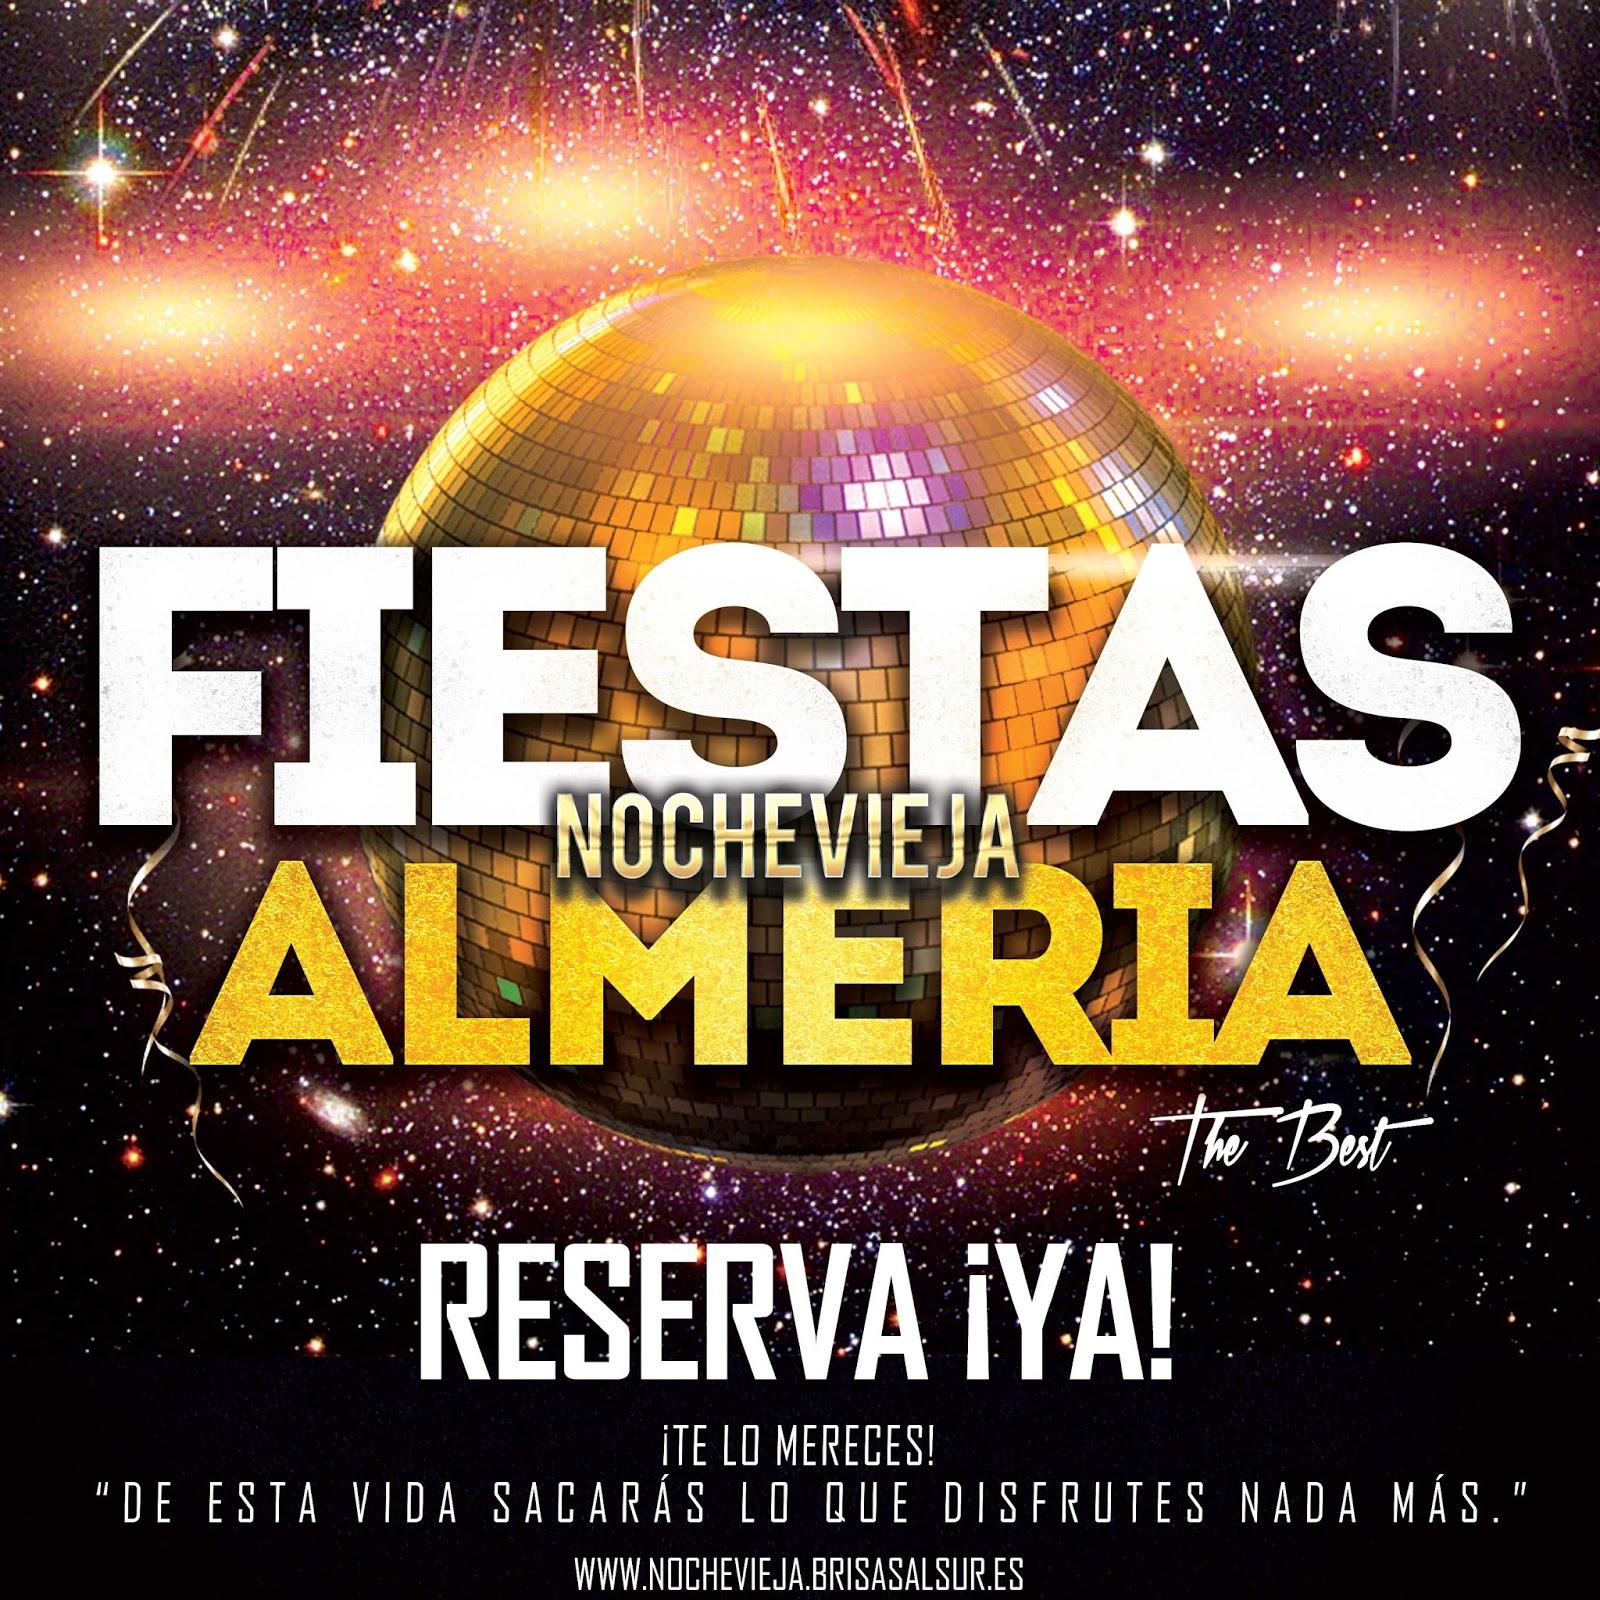 Fiestas de Nochevieja Almería. Las mejores ofertas para Fin de Año, Nochevieja 2014 y Año Nuevo 2015